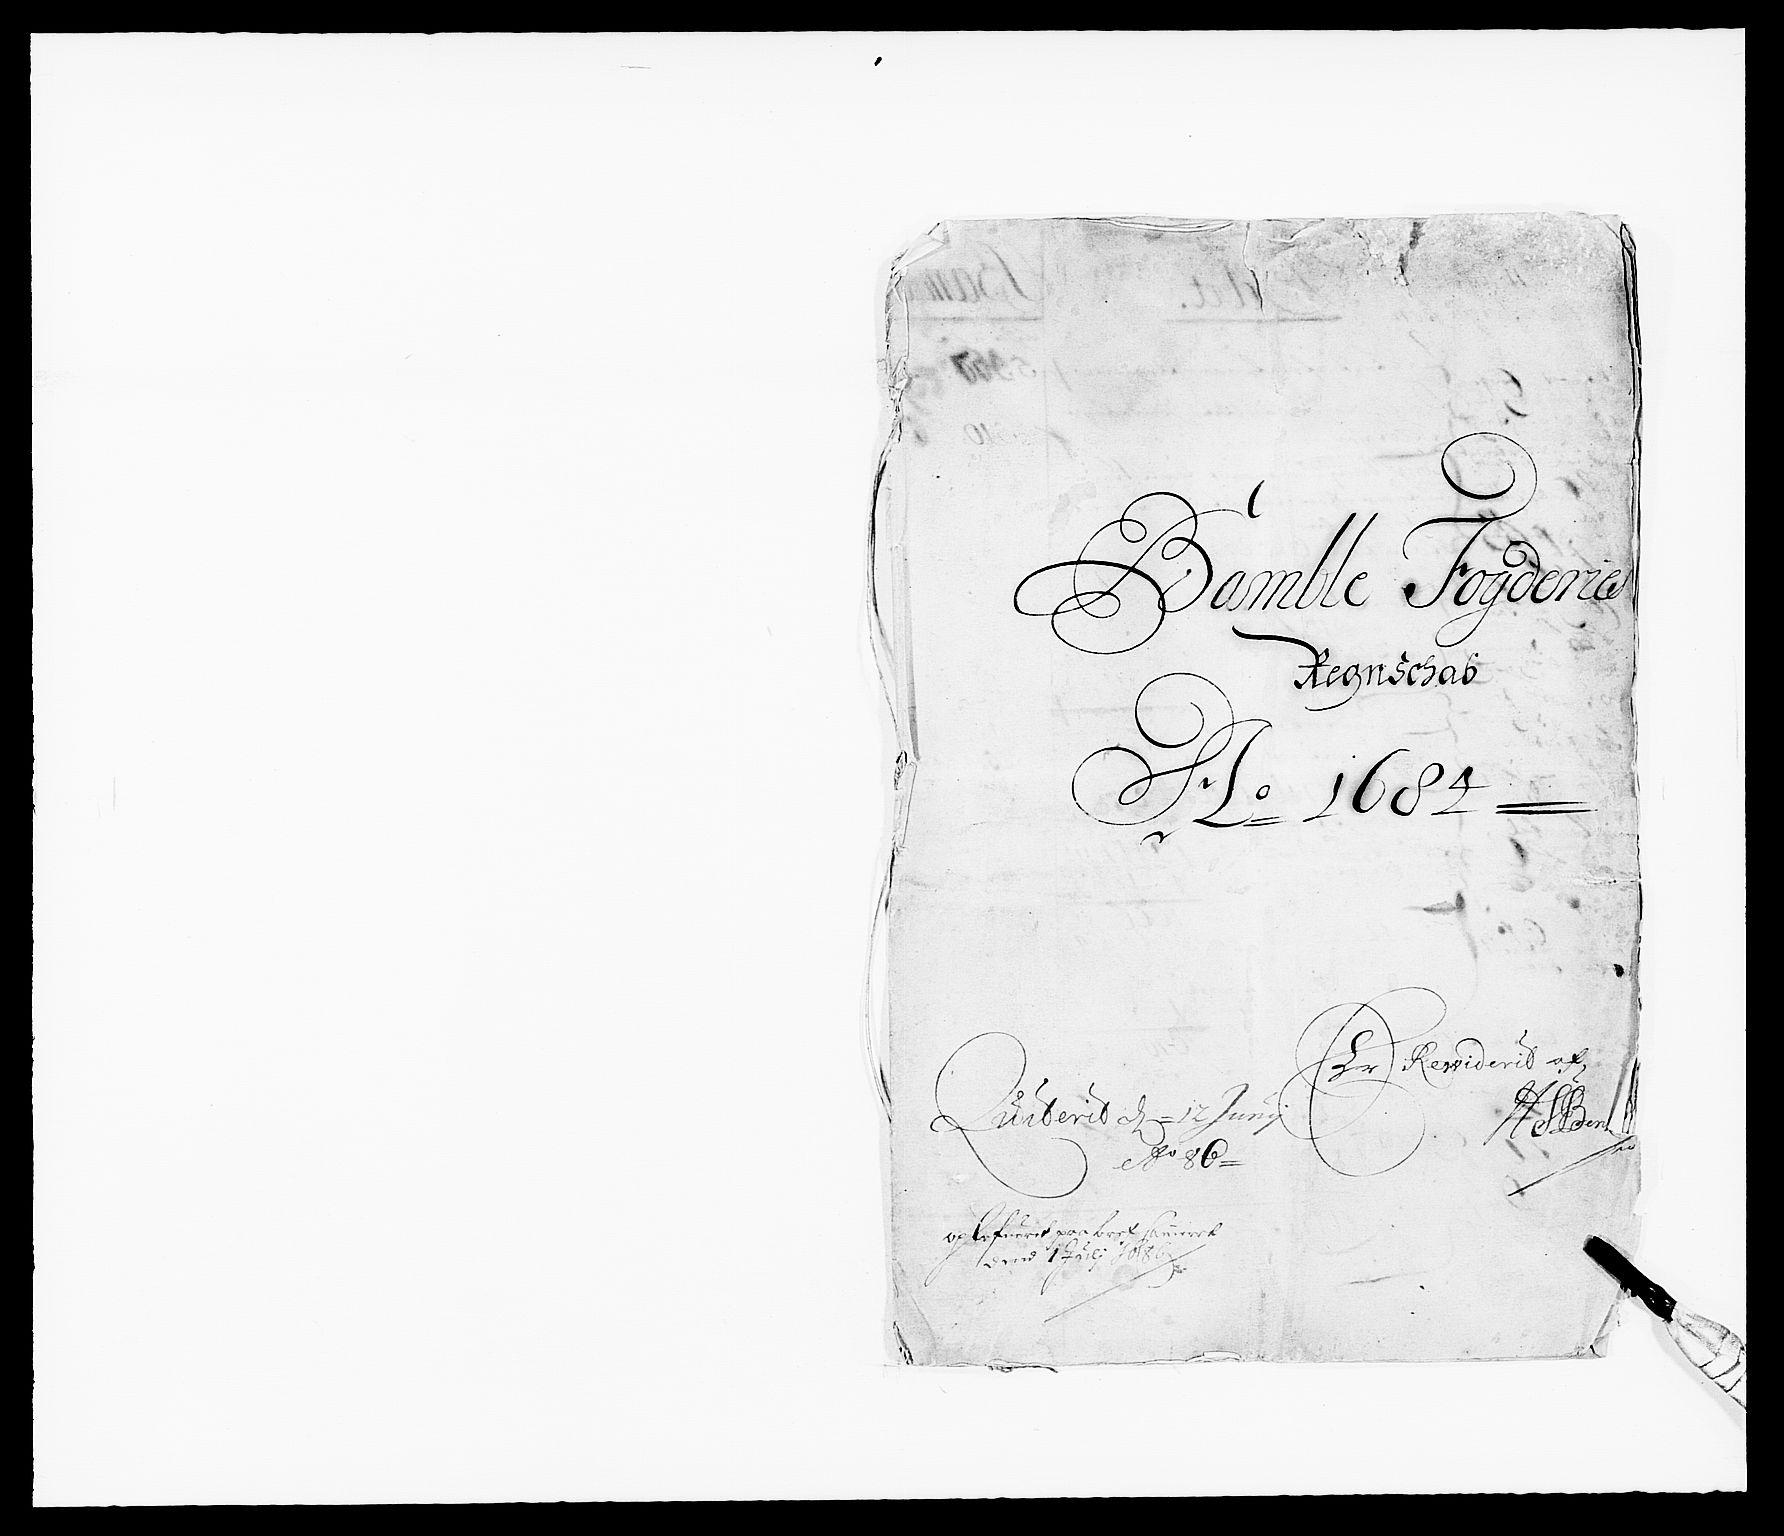 RA, Rentekammeret inntil 1814, Reviderte regnskaper, Fogderegnskap, R34/L2047: Fogderegnskap Bamble, 1684, s. 1